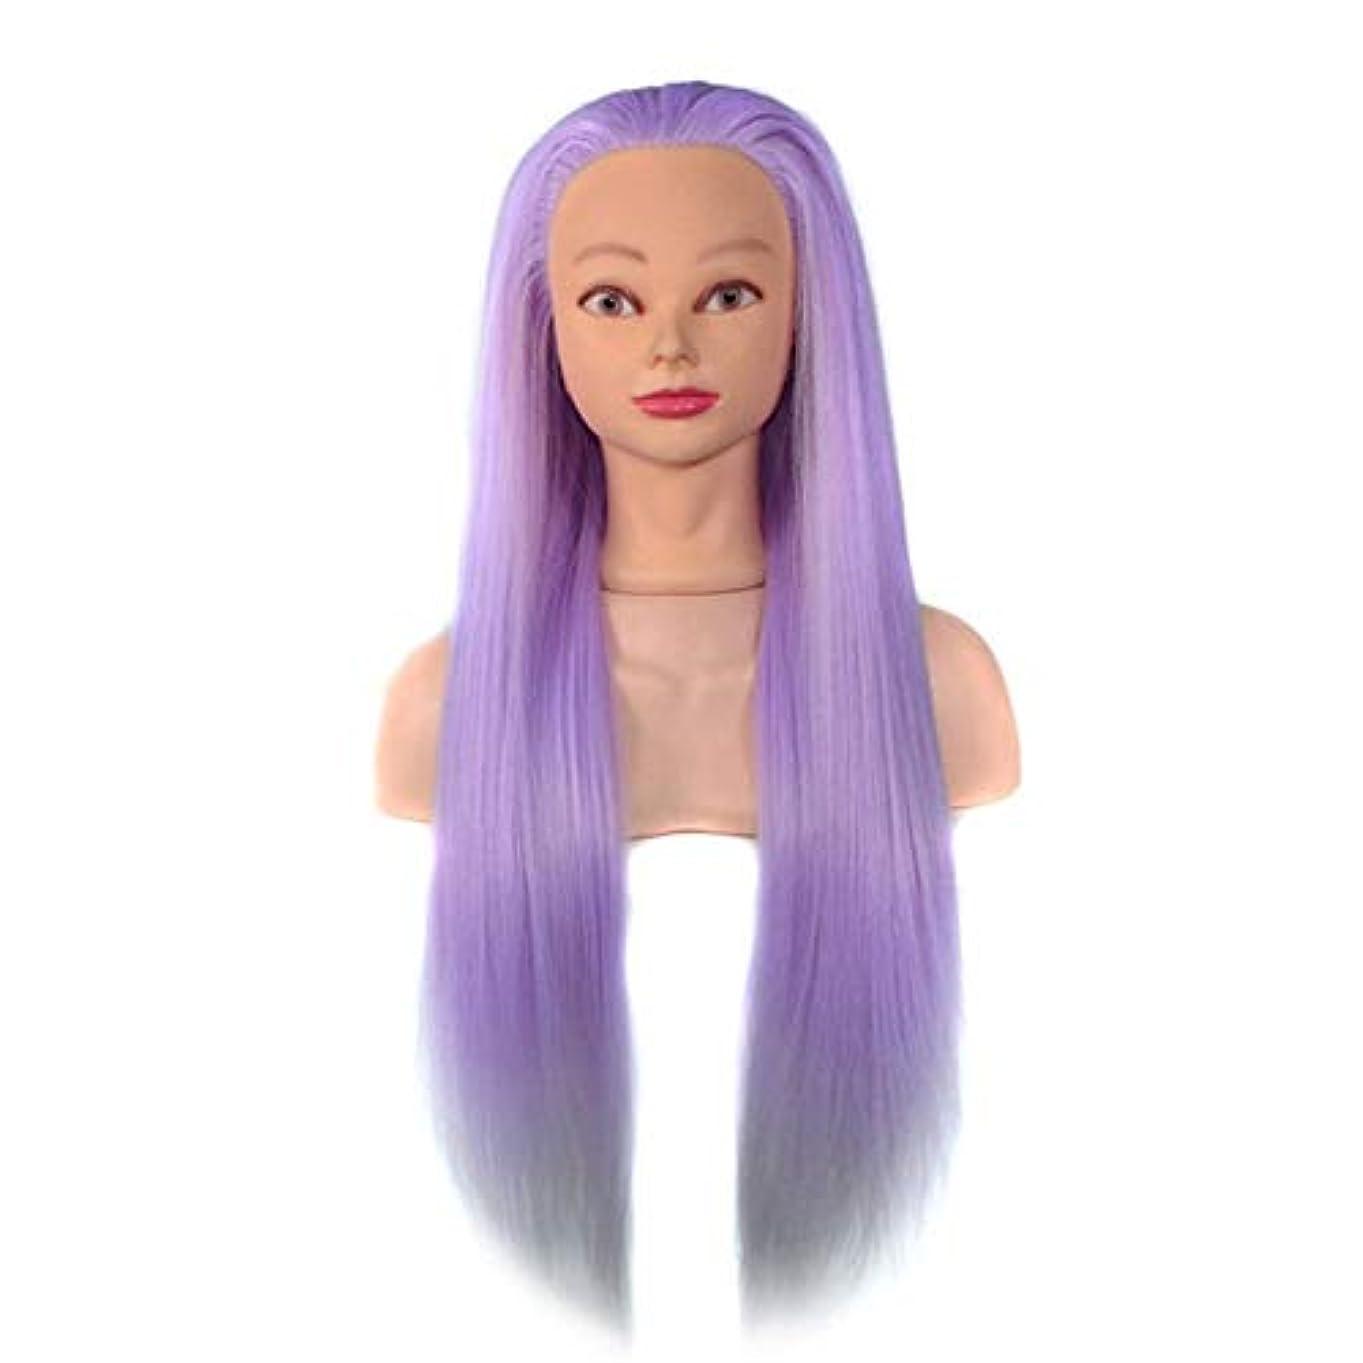 拳学部信号ヘアサロンスタイリング練習ヘッドモデル美容院高温シルク花嫁編組トレーニングヘッド人体モデル人形モデル60センチ,Purple